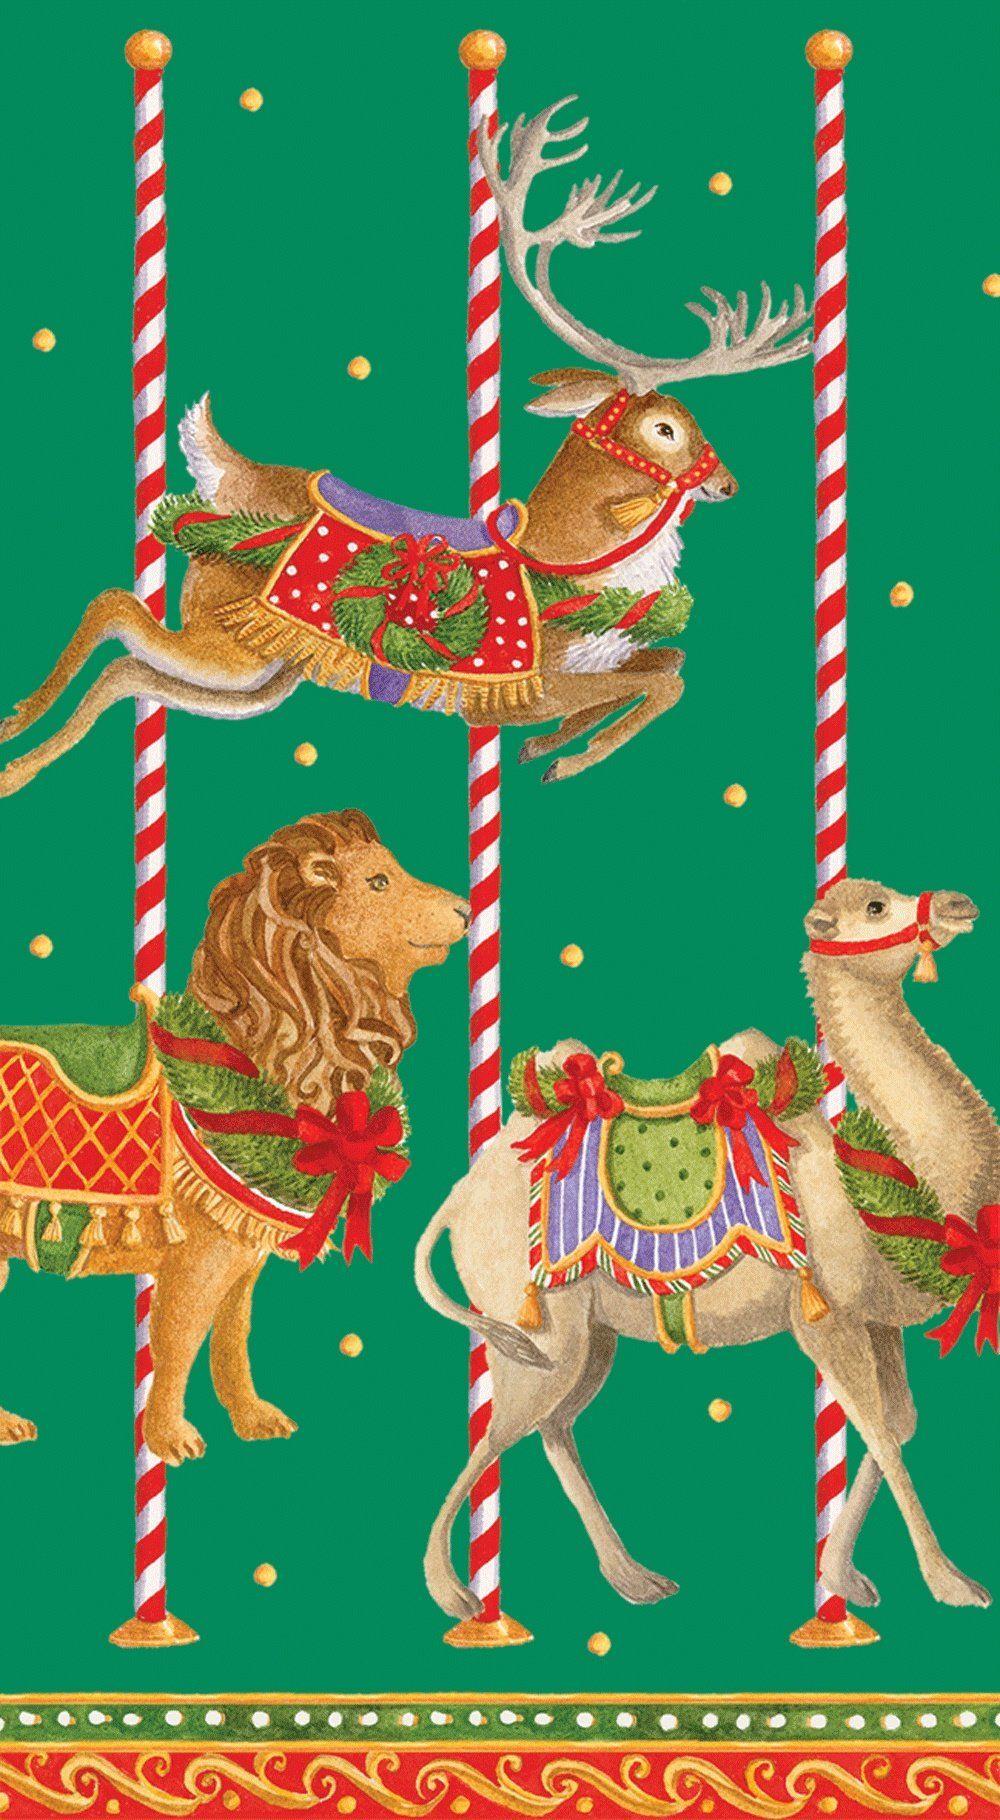 Caspari Entertaining Merry Go okrągłe papierowe ręczniki dla gości, opakowanie 15 sztuk, zielone, 11 x 3 x 20 cm